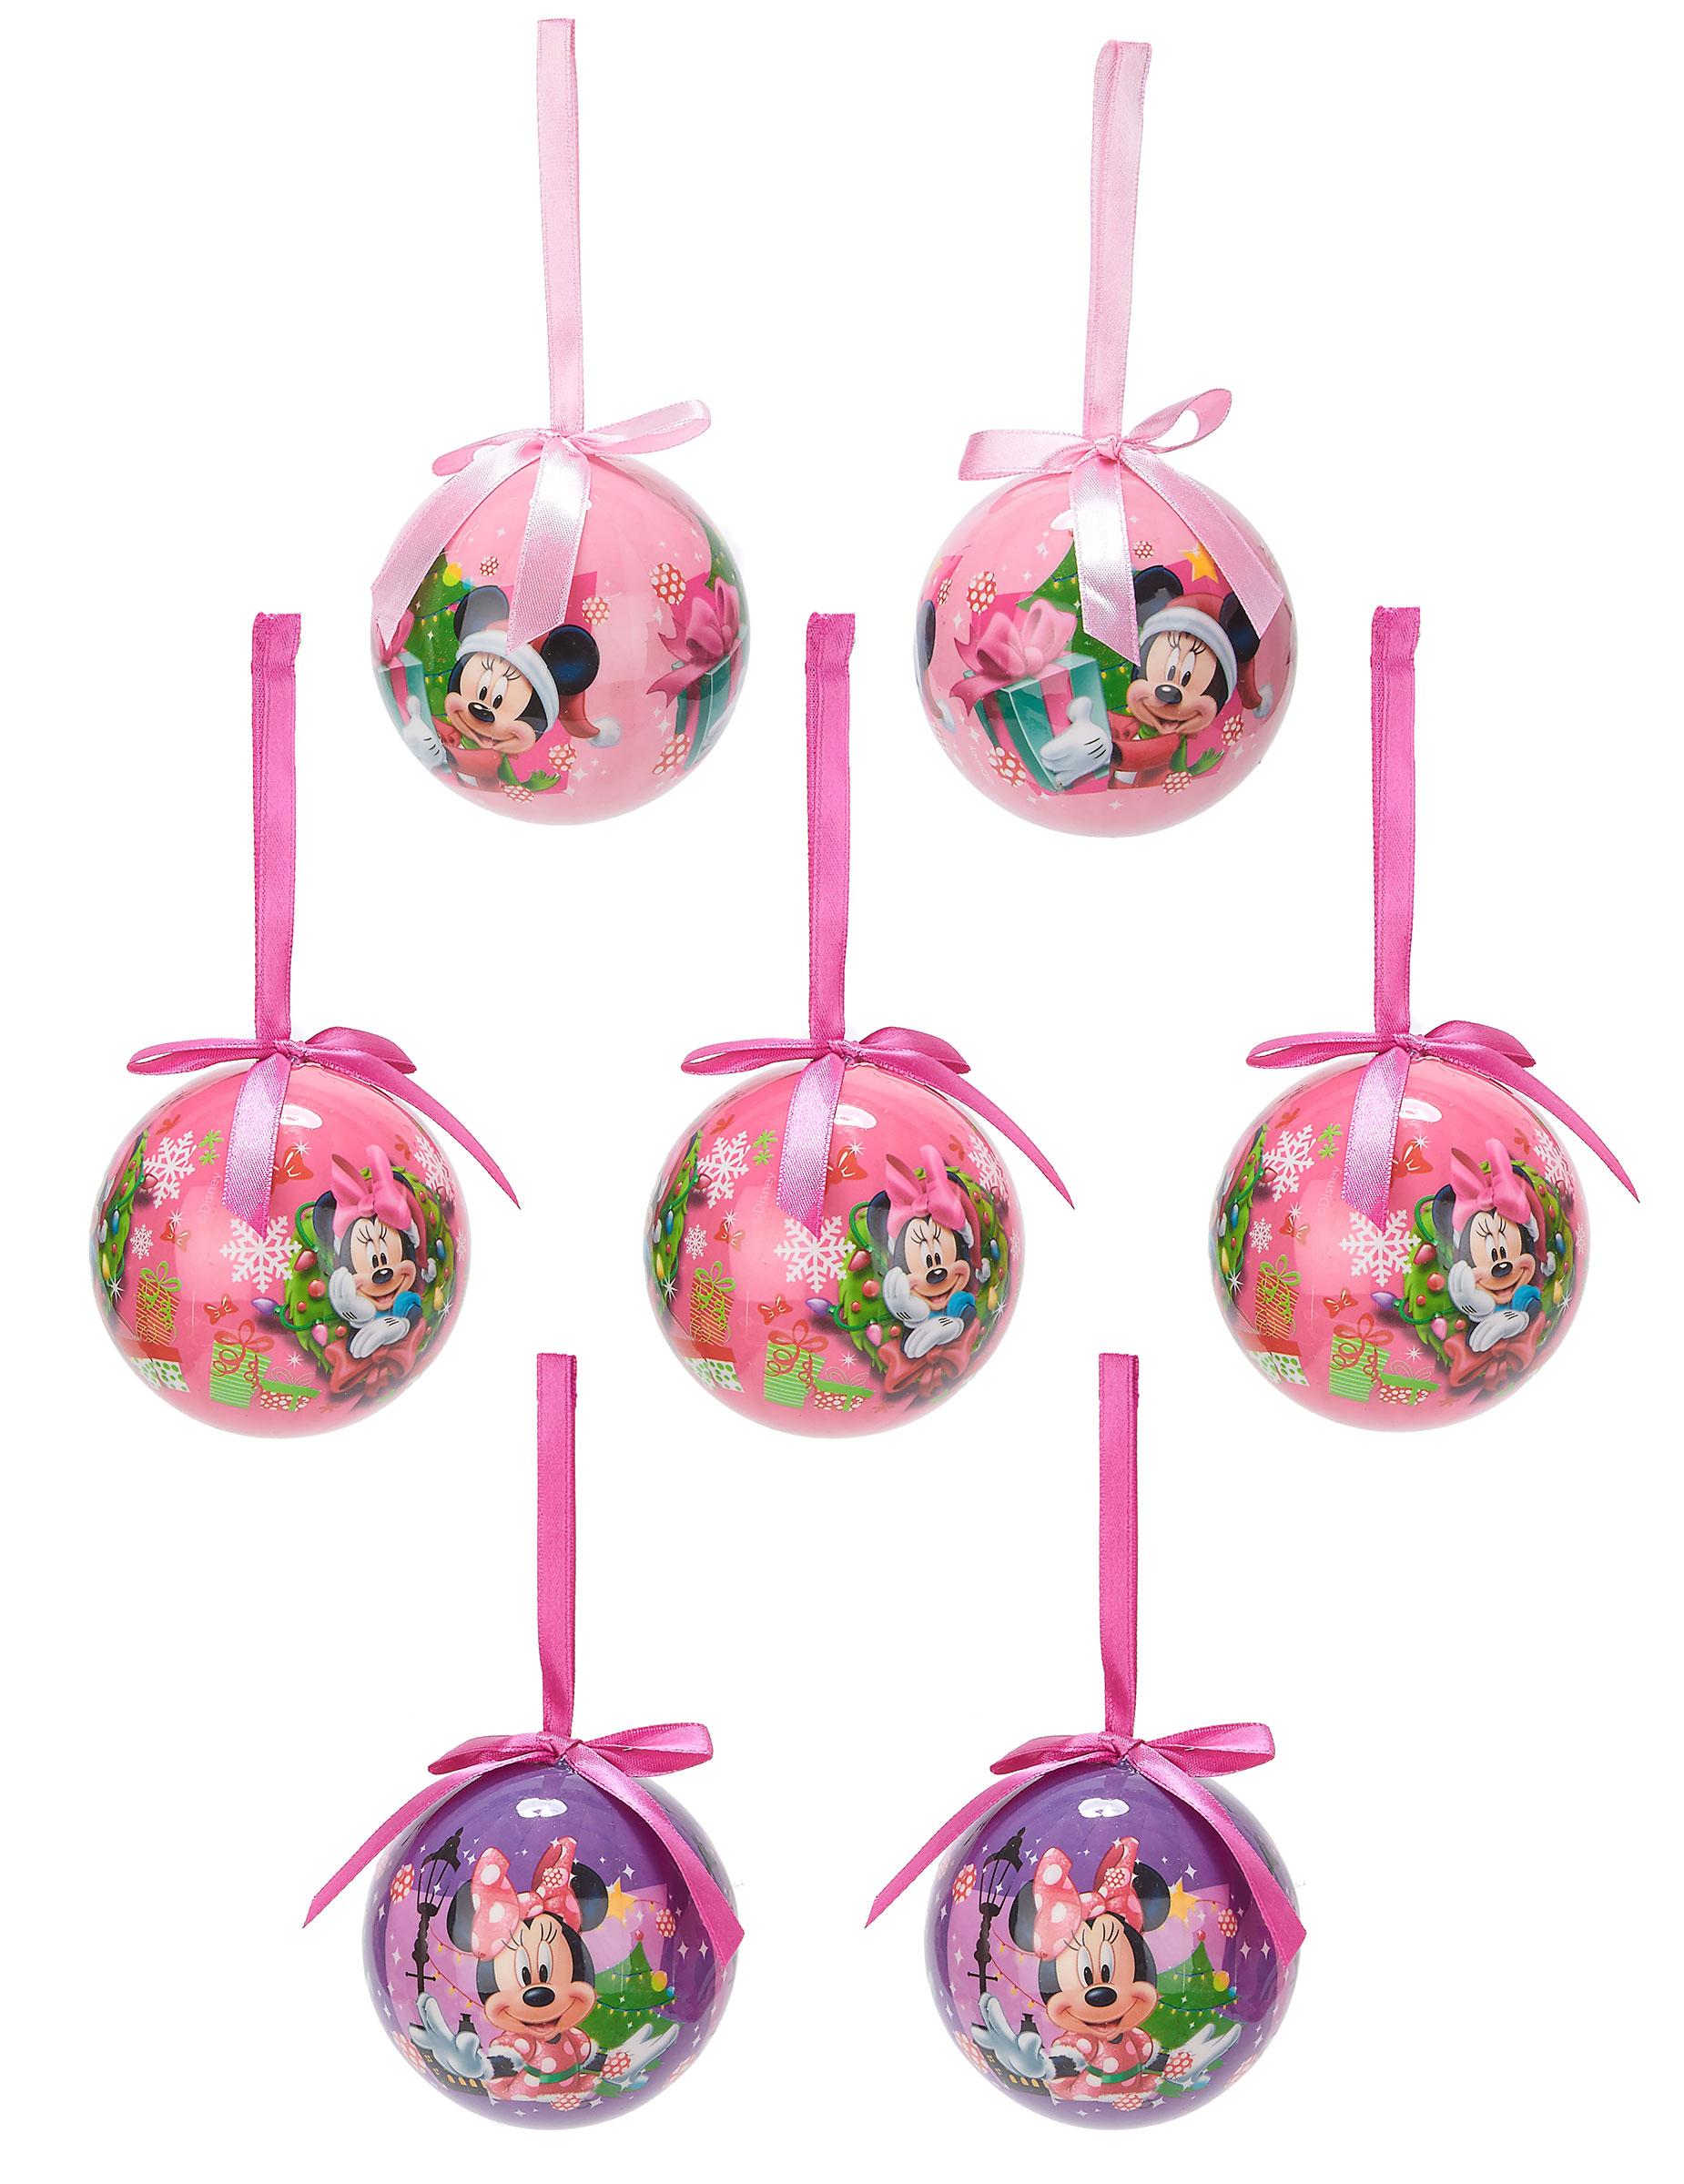 Christbaumkugeln Violett.Christbaumkugeln Weihnachten Lizenzartikel Minnie Mouse 7